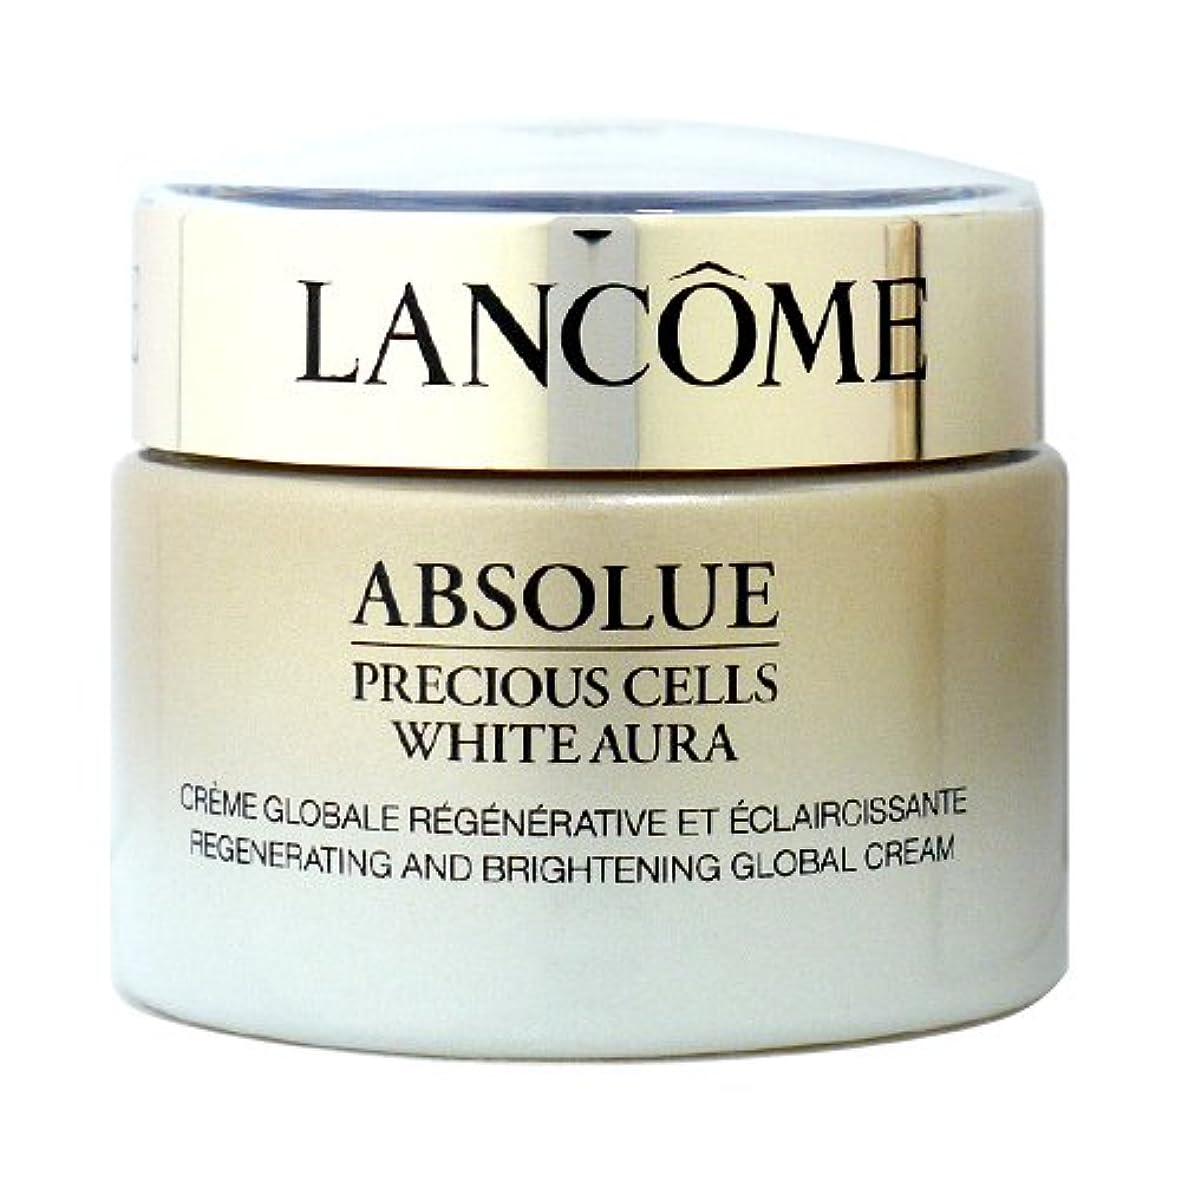 大きなスケールで見ると曇った平衡ランコム アプソリュ プレシャスセル ホワイトオーラ クリーム N 50ml